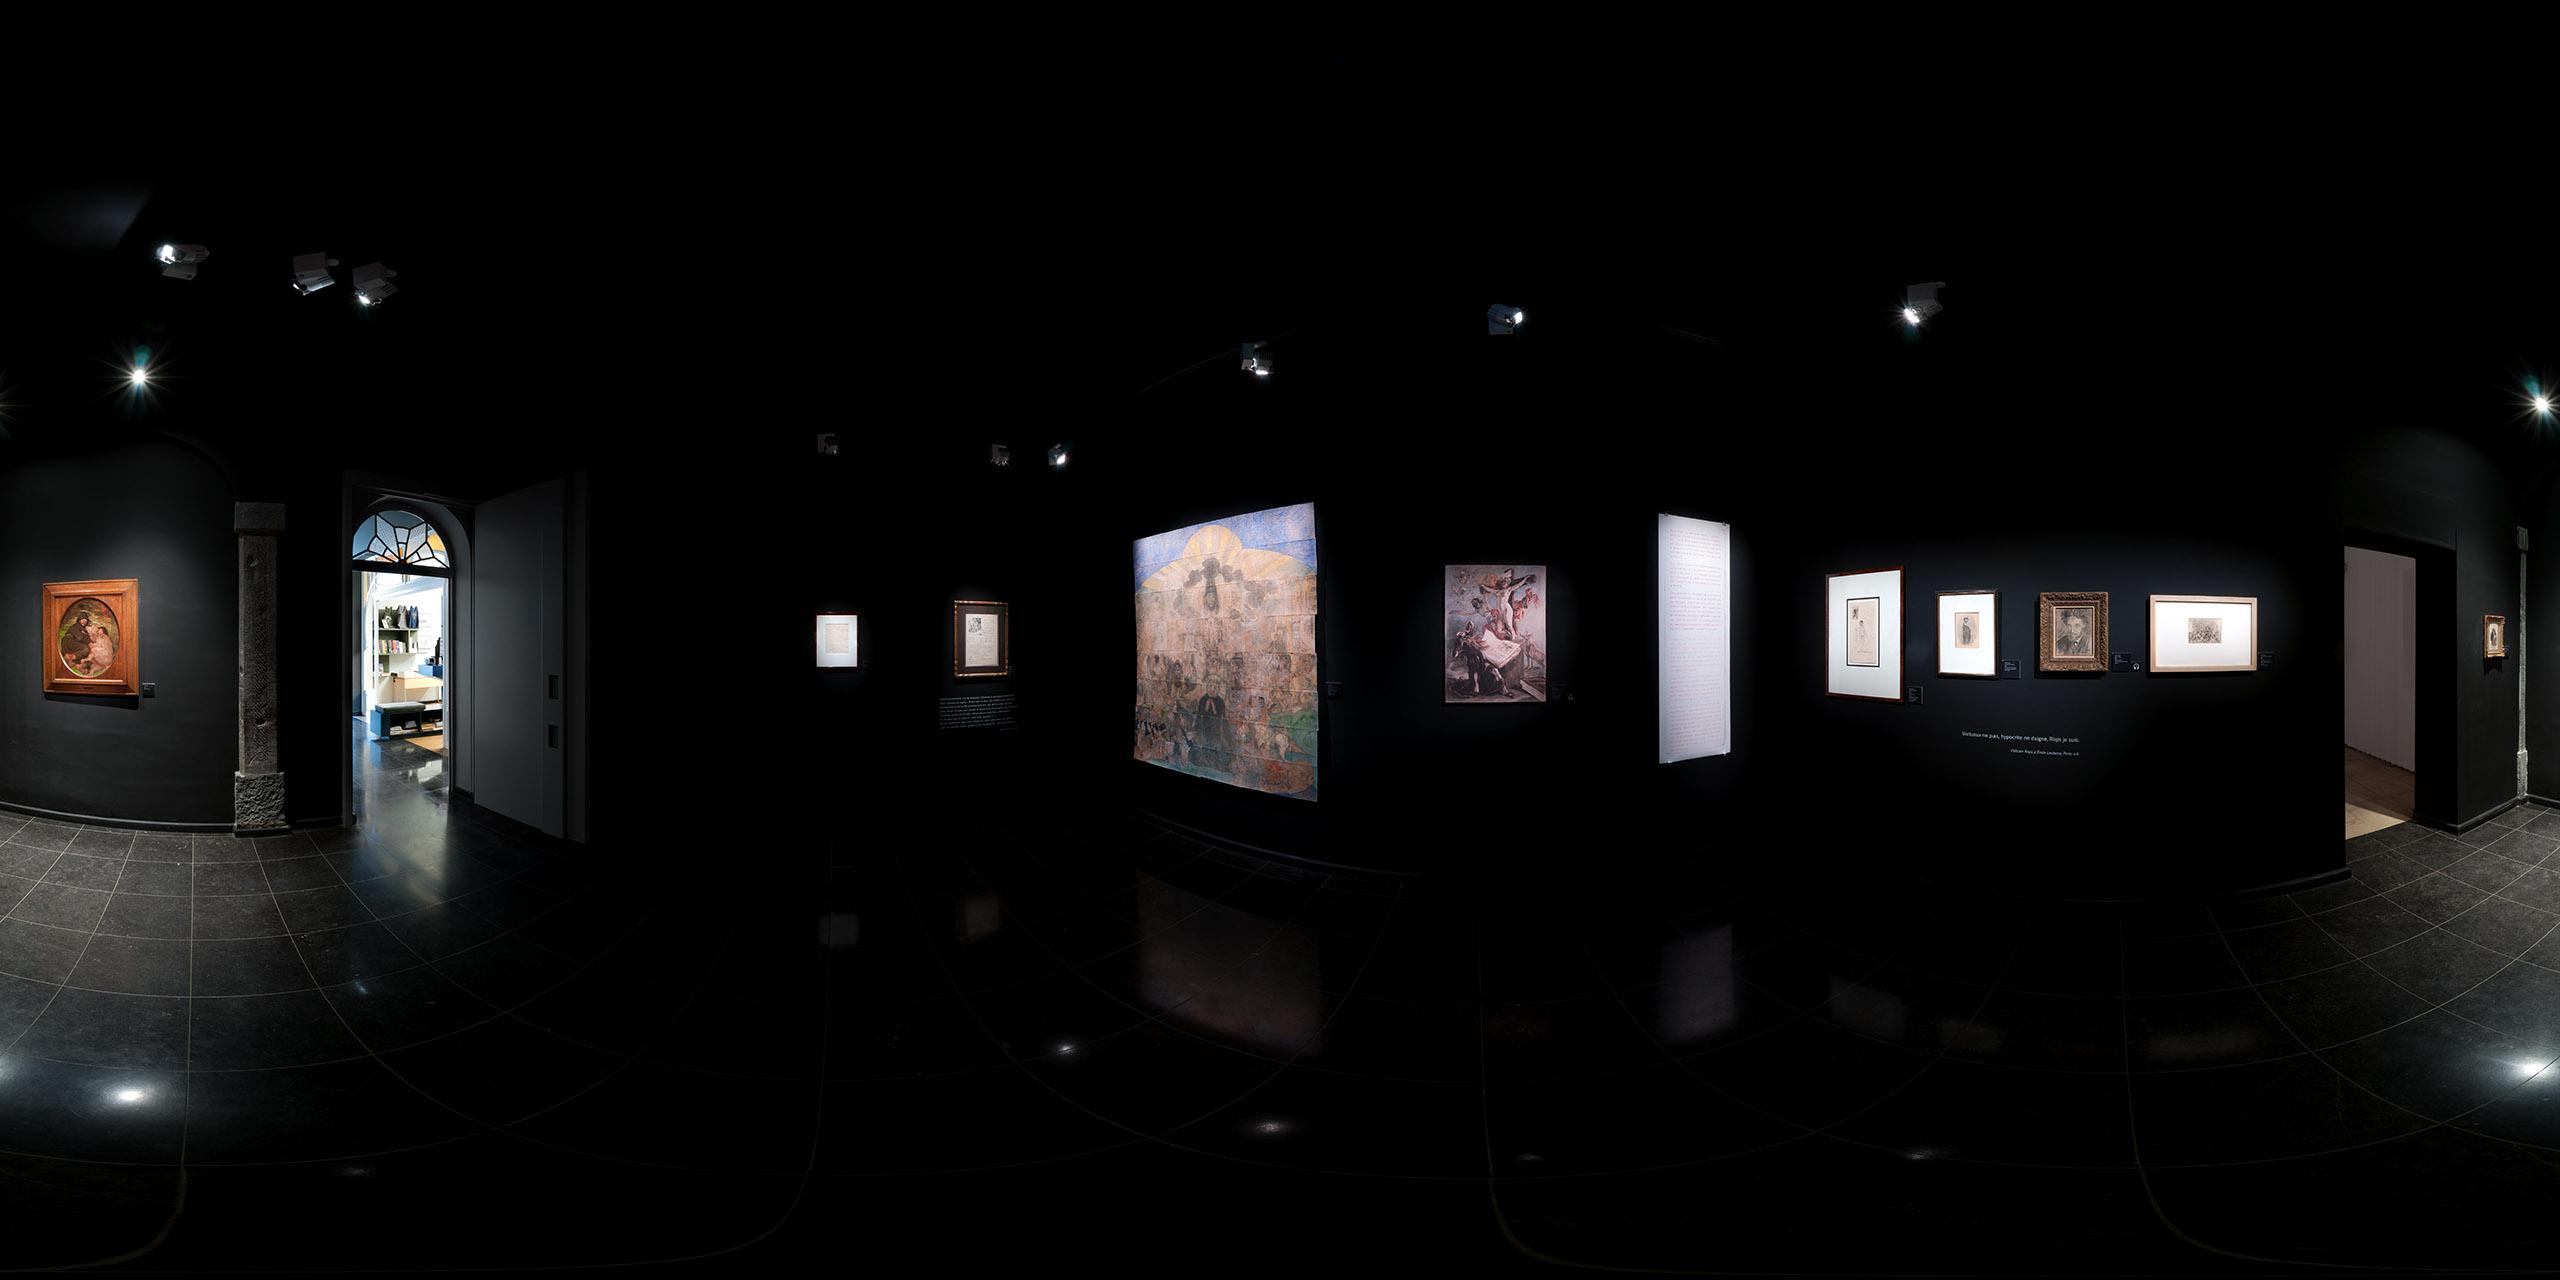 Exposition Vices & vertus / TreM.a • Musée Rops • Eglise Saint-Loup / Salle 01